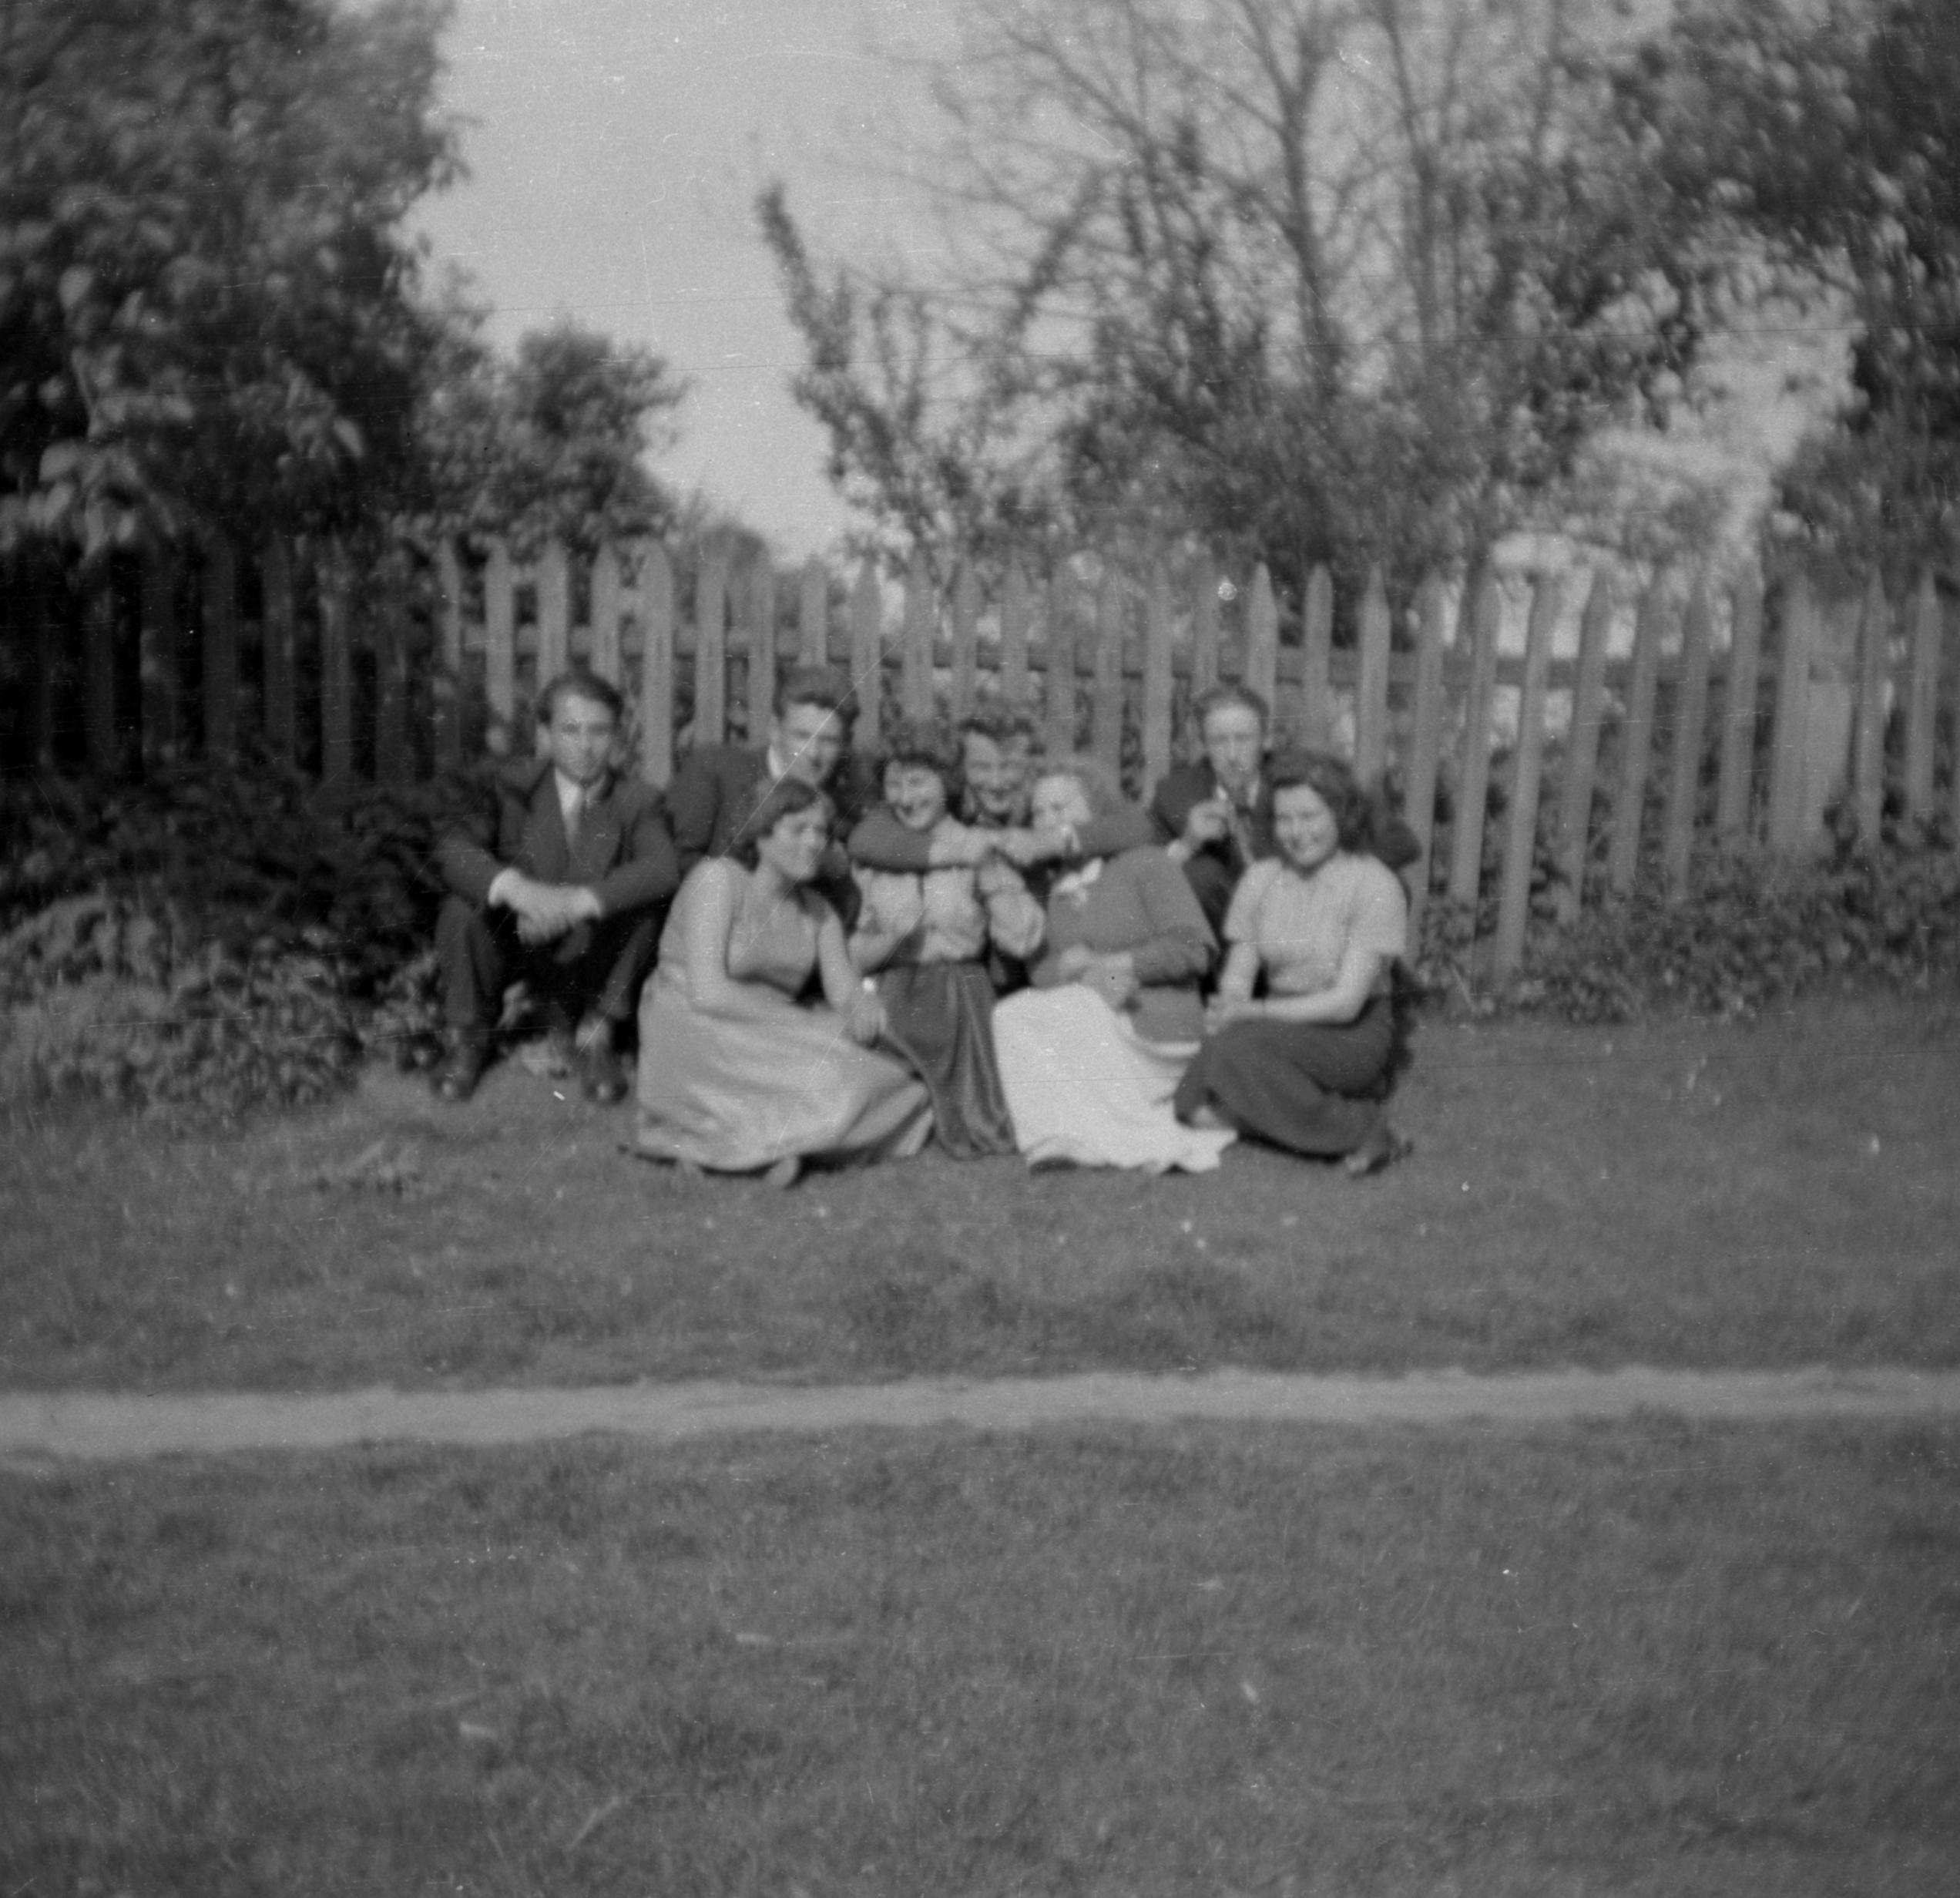 Zdjęcie wesołej grupy, Dolny Śląsk, 2. poł. XX w.